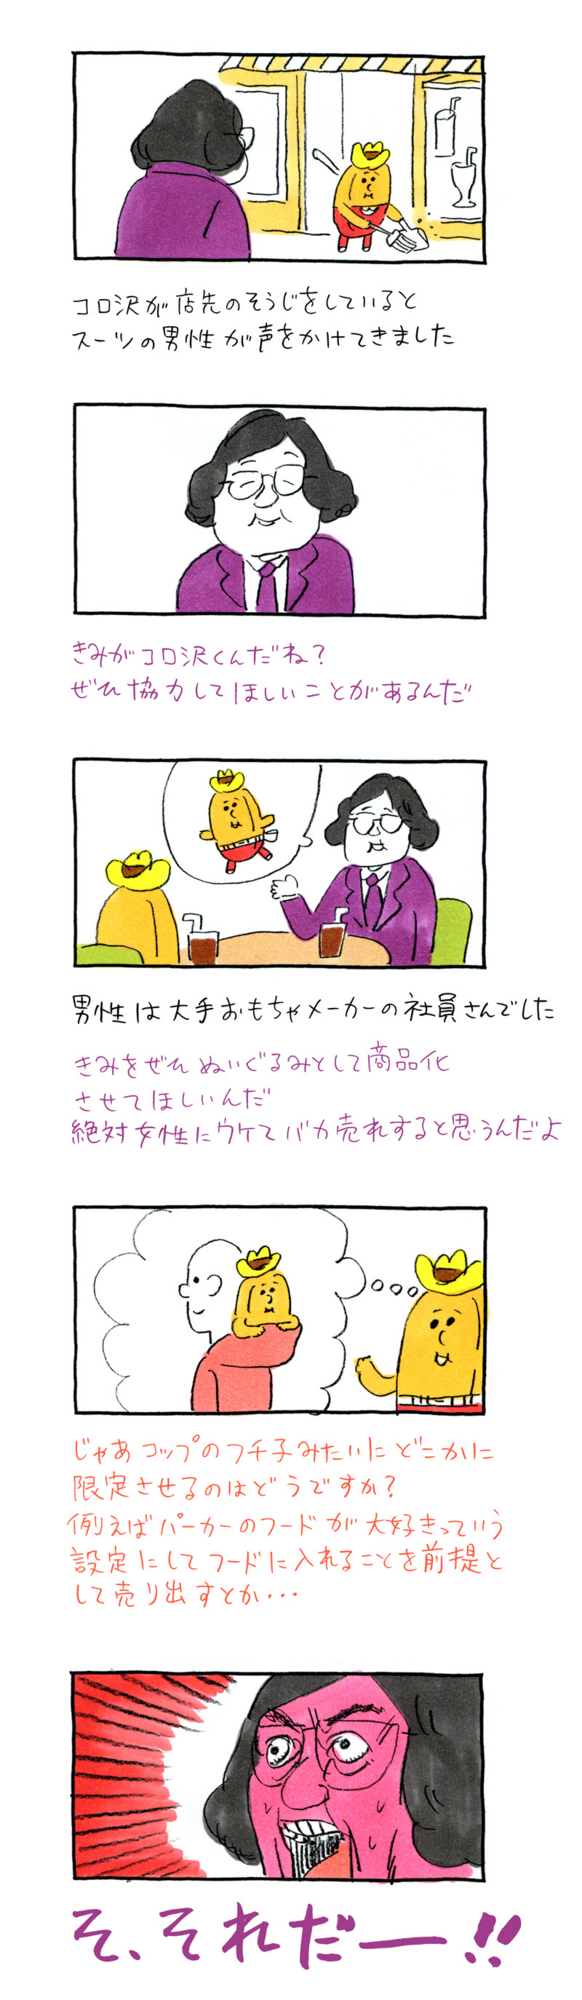 f:id:kakijiro:20151221124457j:plain